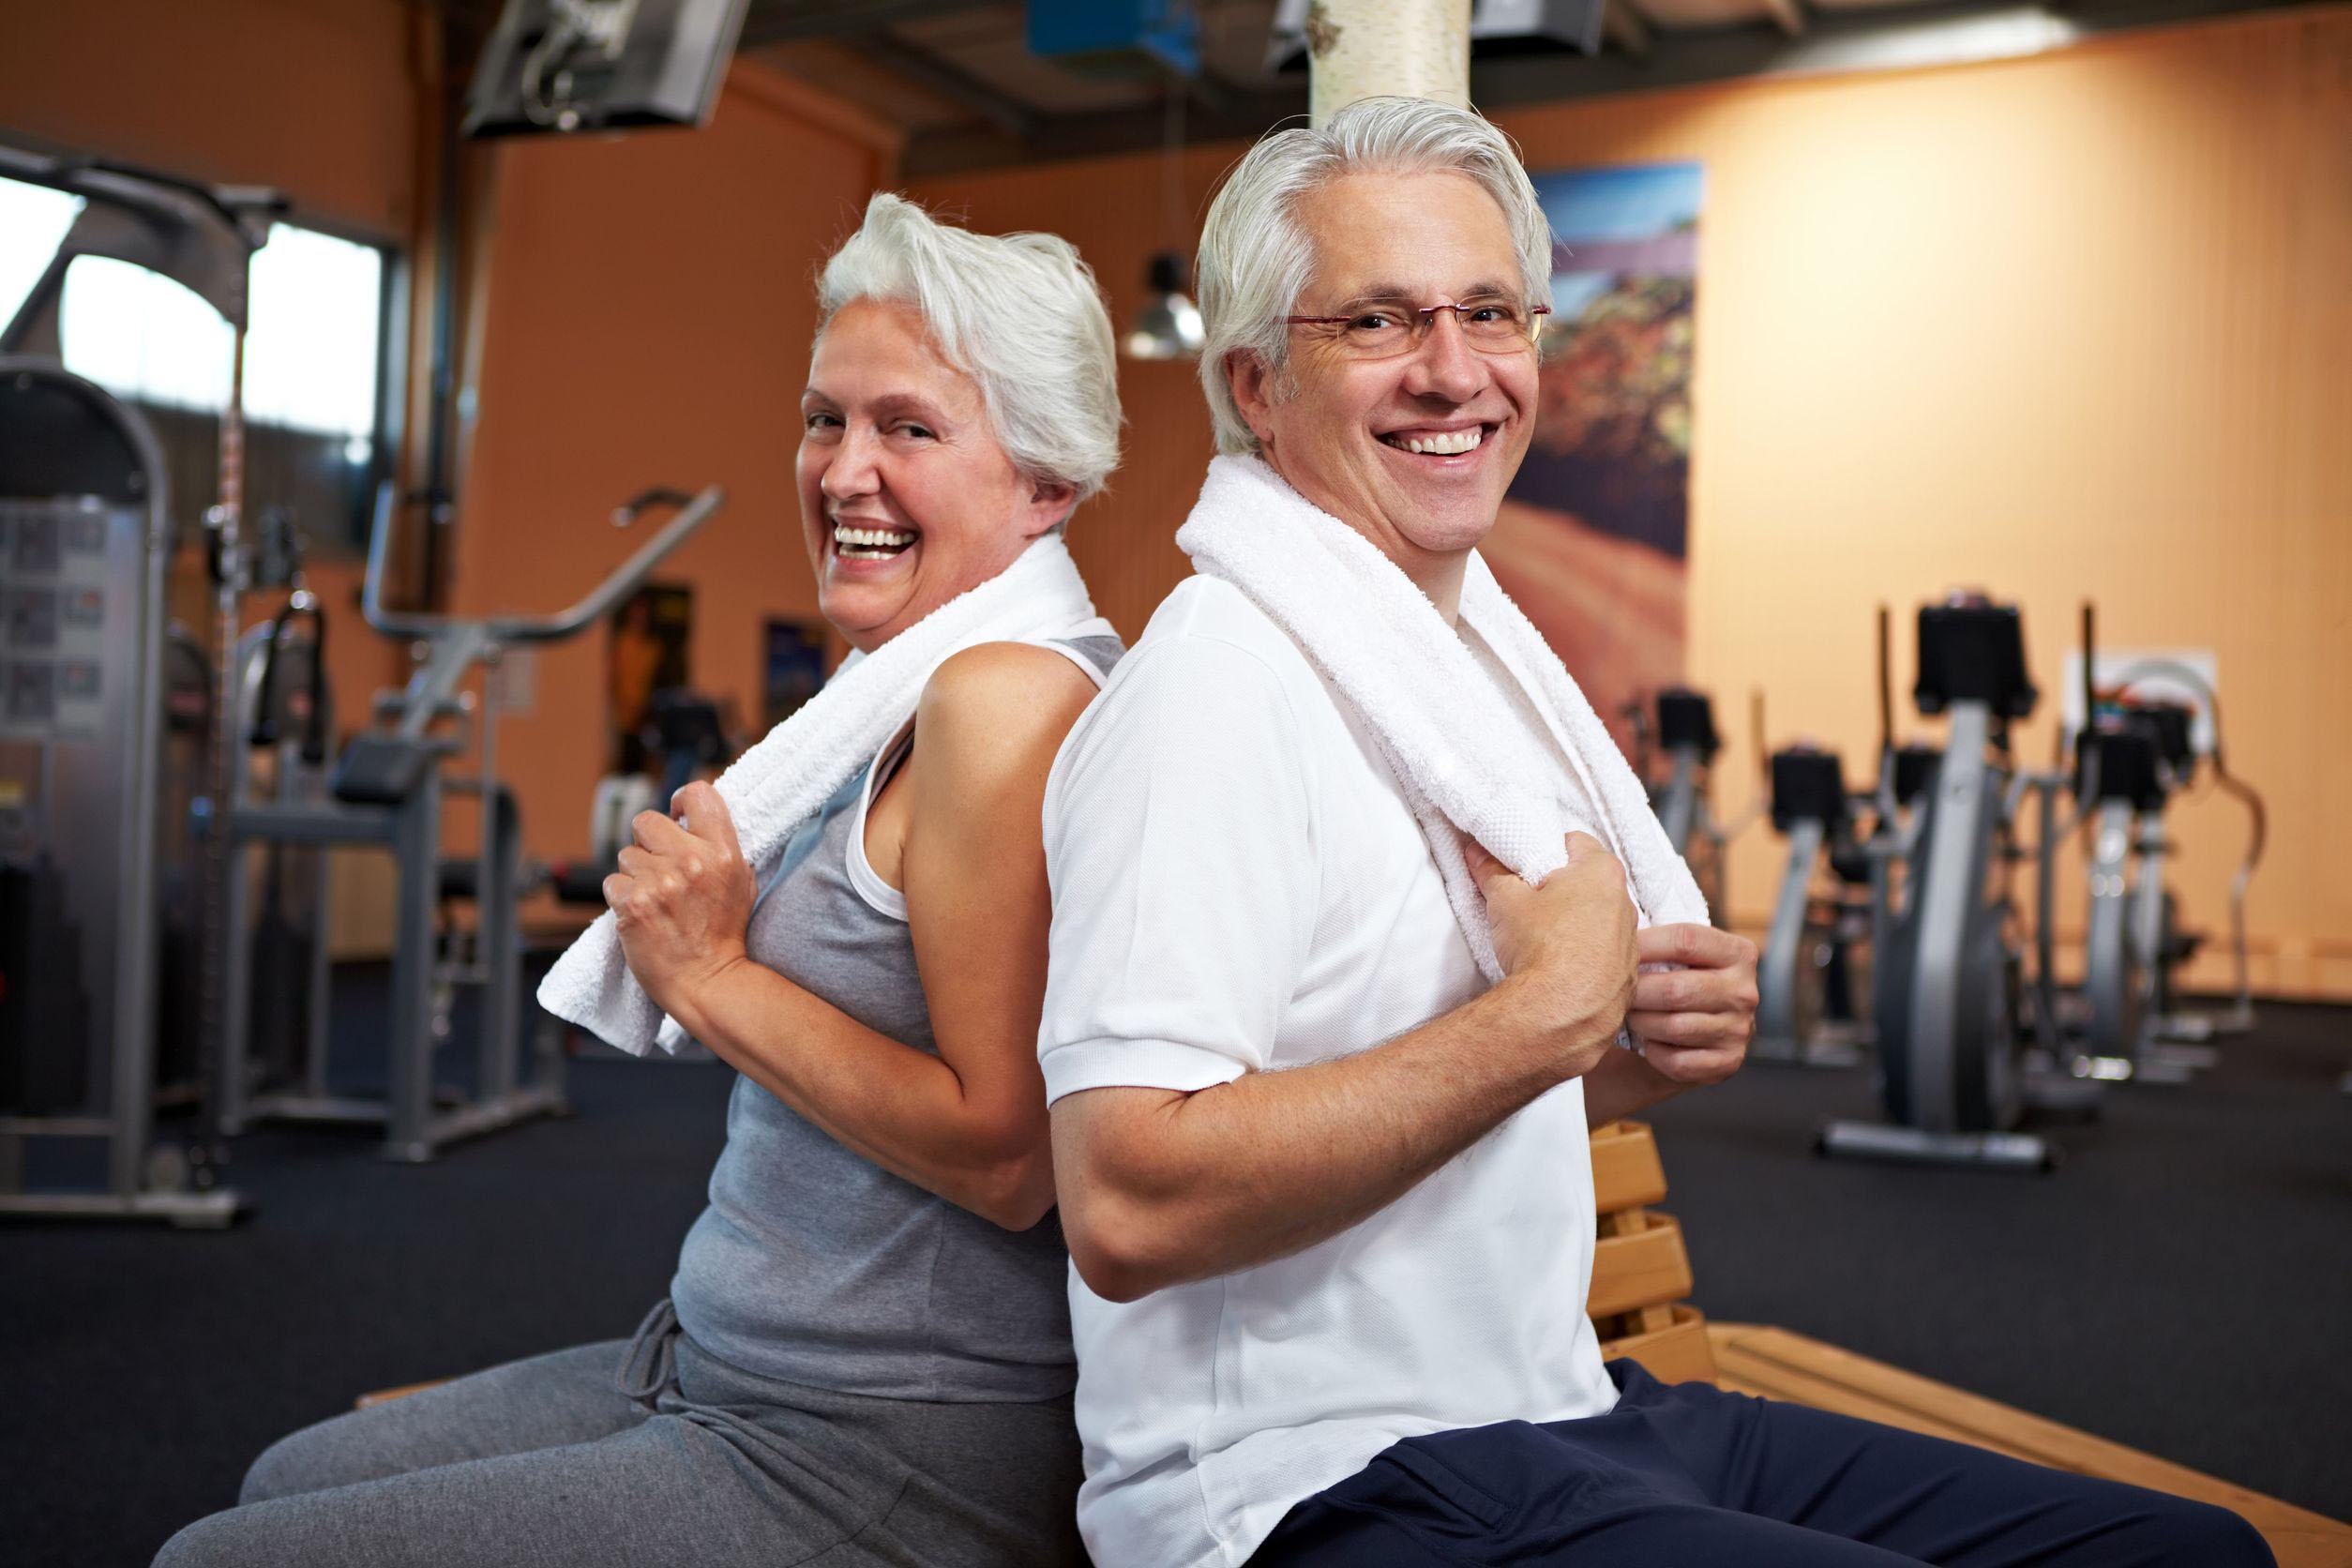 Зарядка для женщин после 50 лет: комплекс упражнений, рекомендации, видео